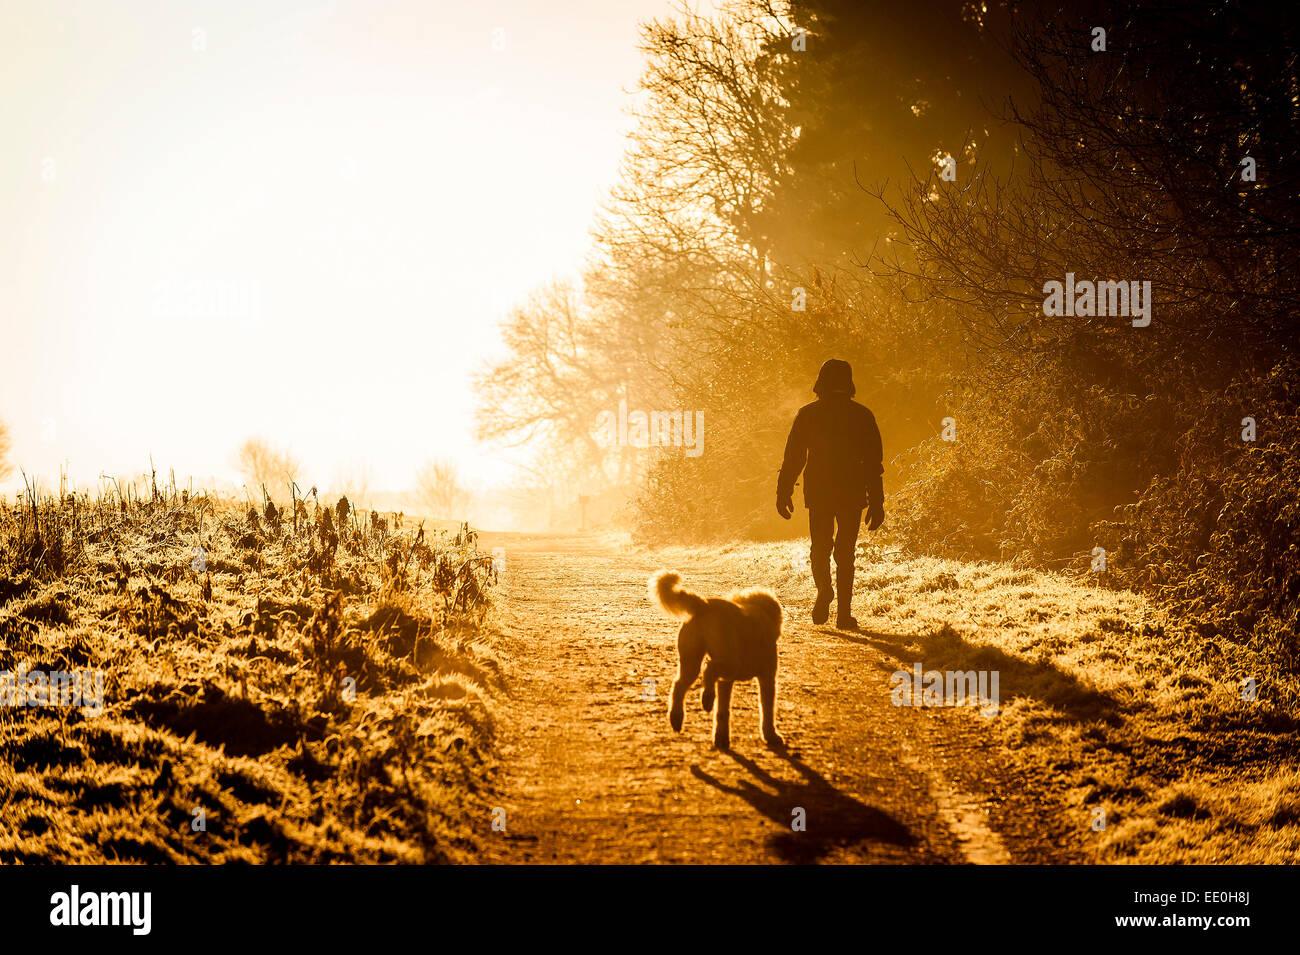 Un homme promenait son chien dans l'intense lumière du soleil d'un matin tôt le lever du soleil Photo Stock